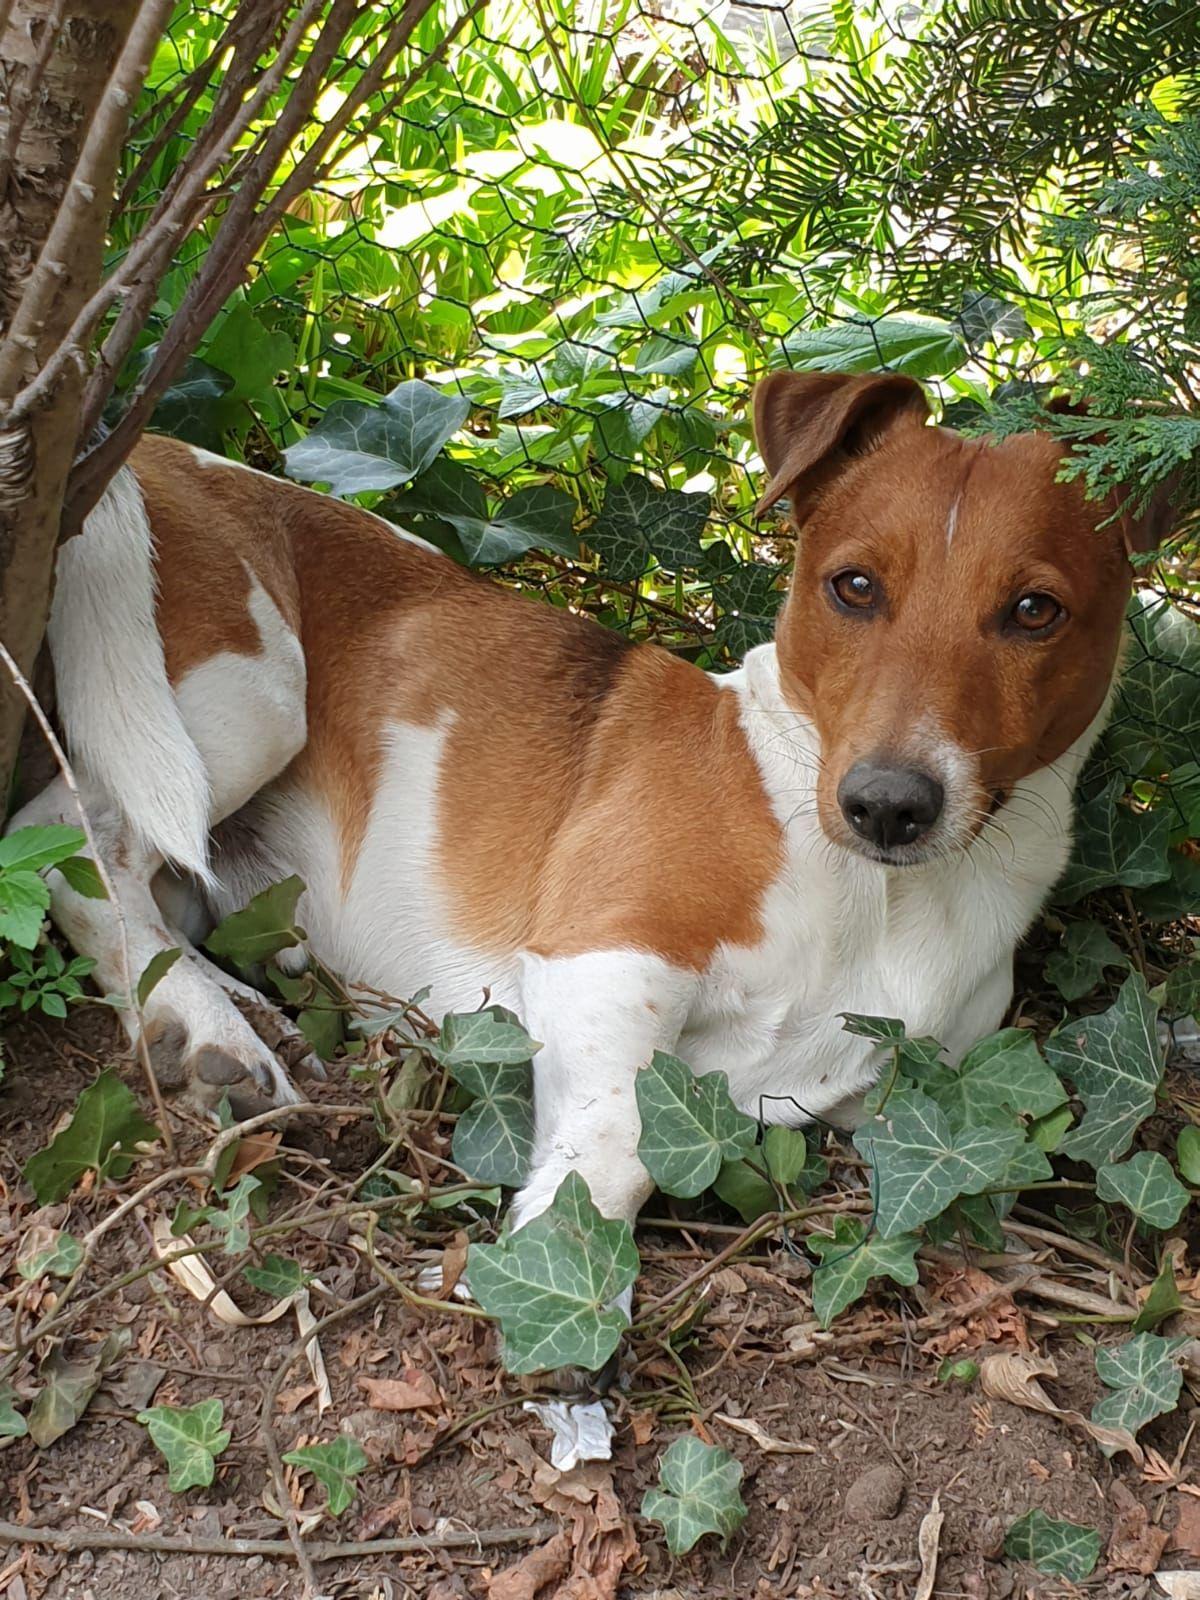 Hunde Foto Wally Und Pino Mister Lover Hier Dein Bild Hochladen